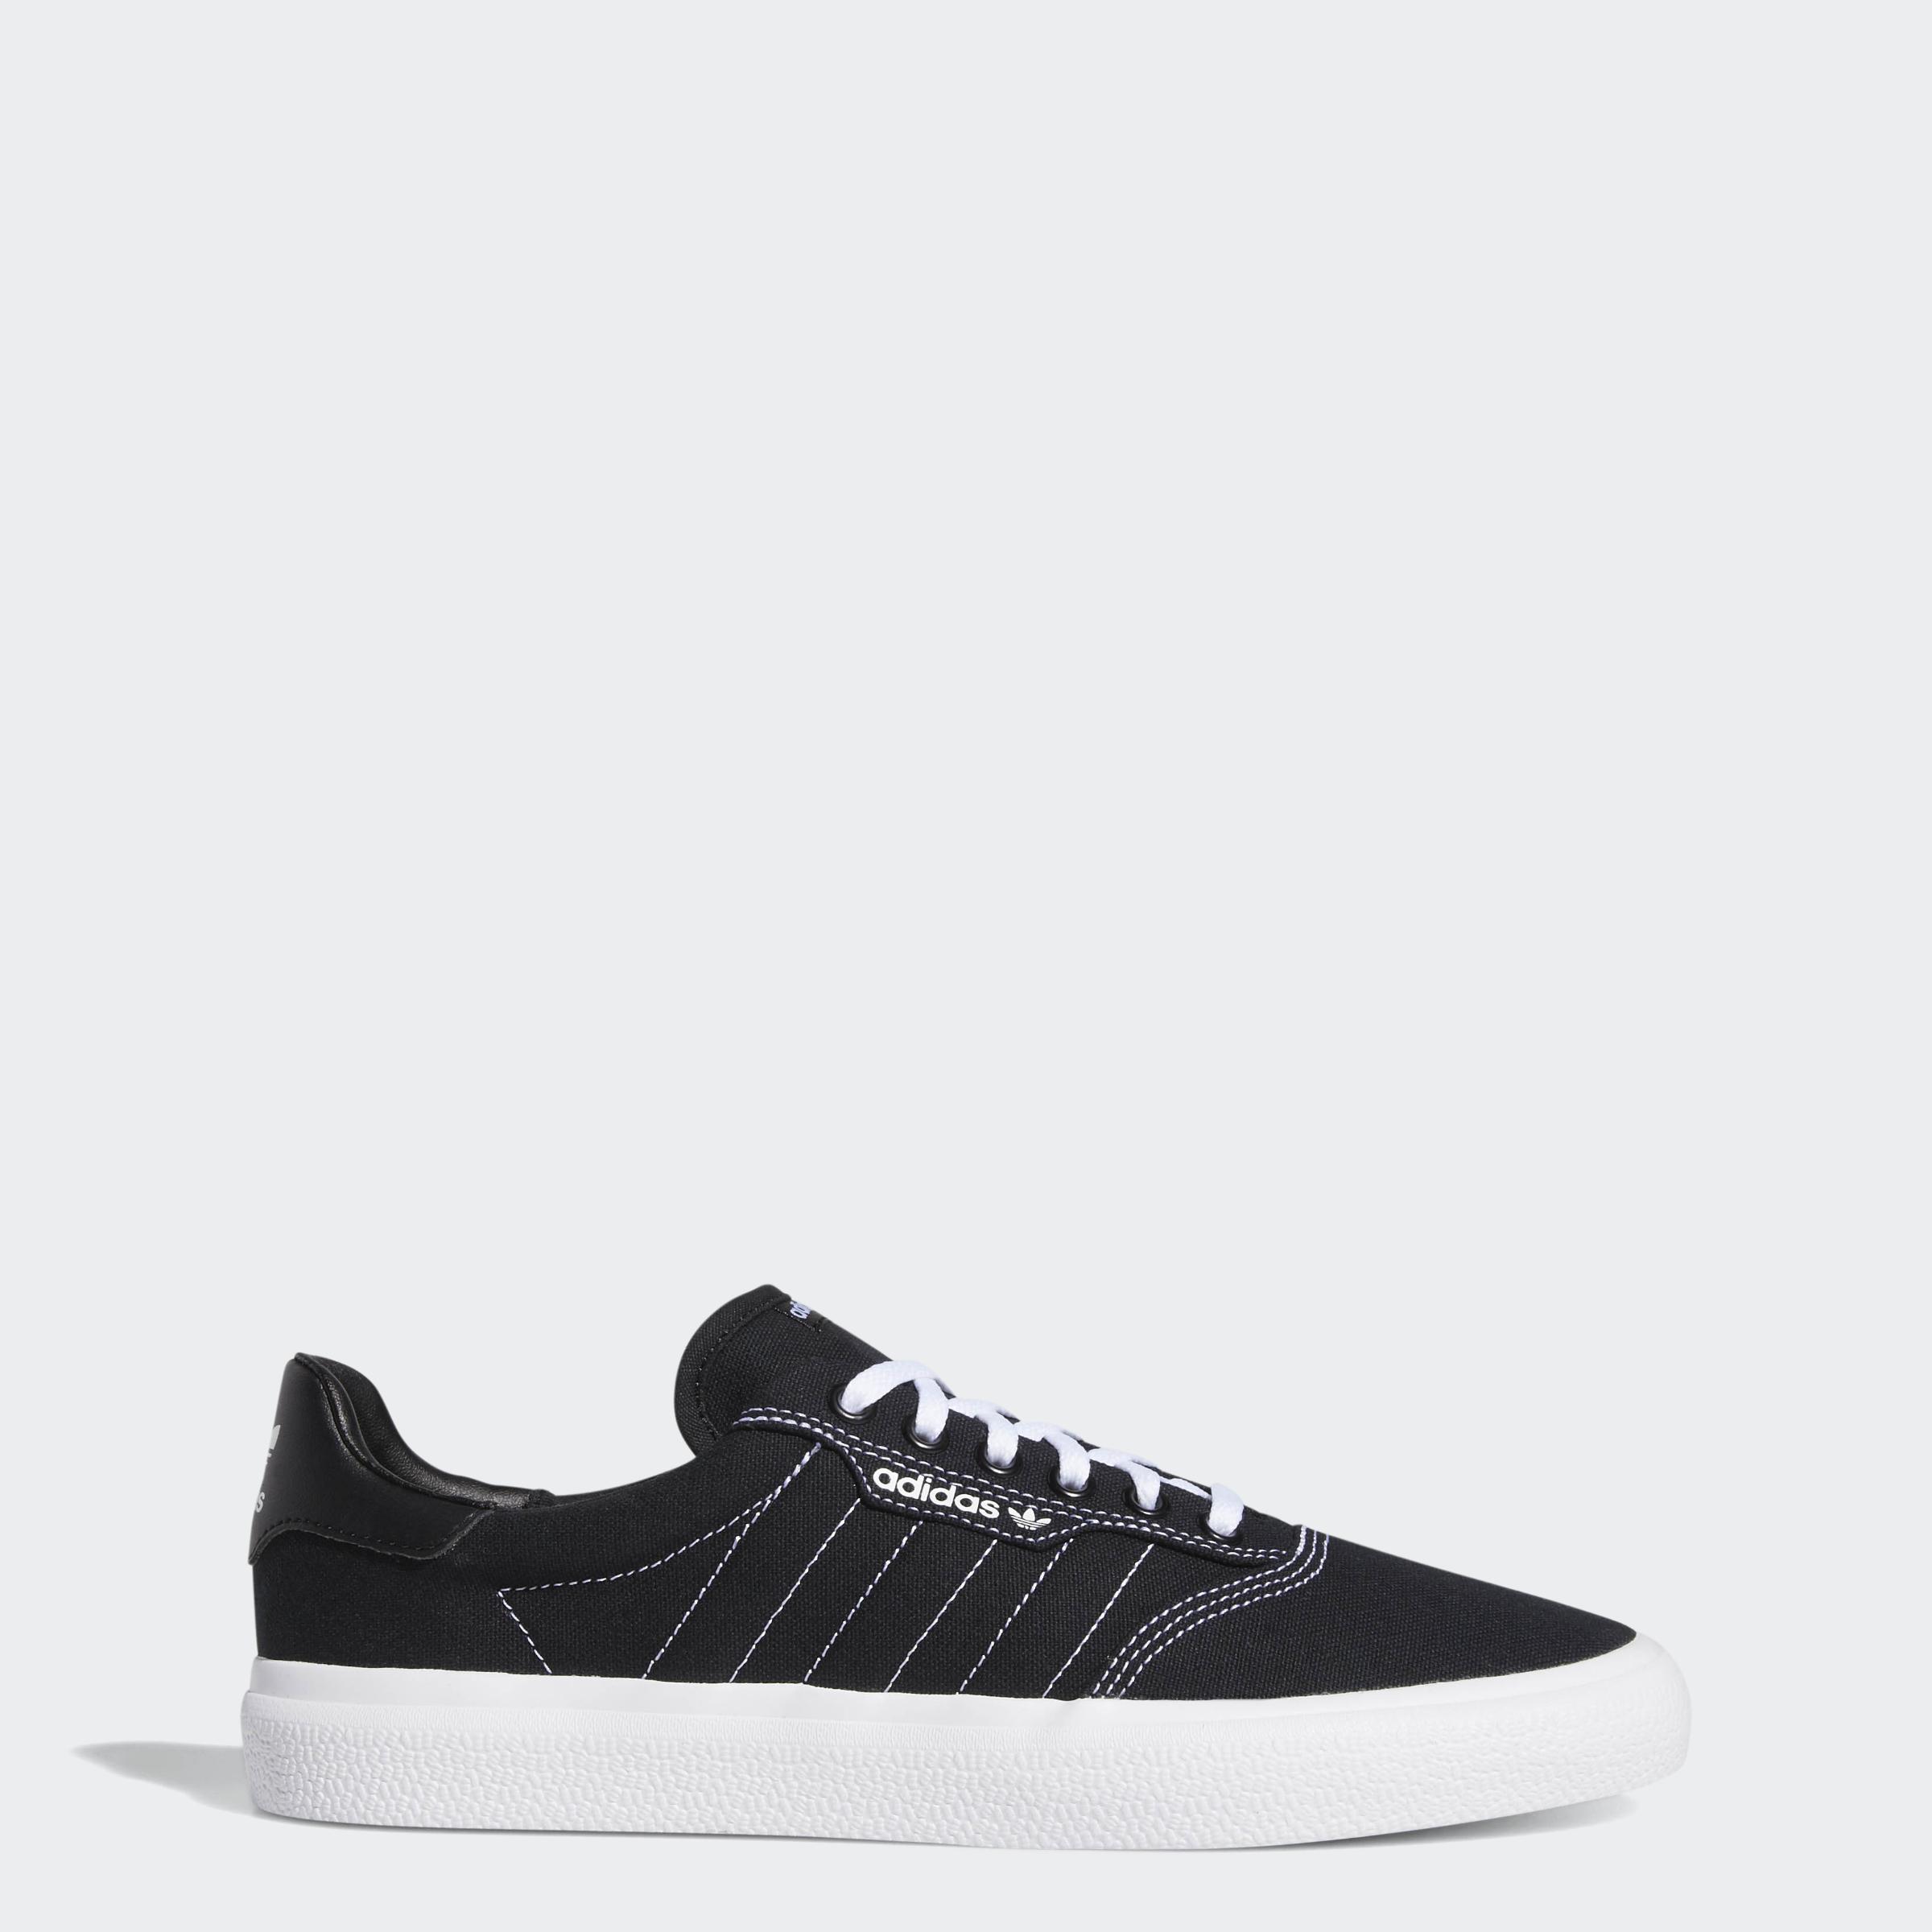 sneakers adidas original hombre